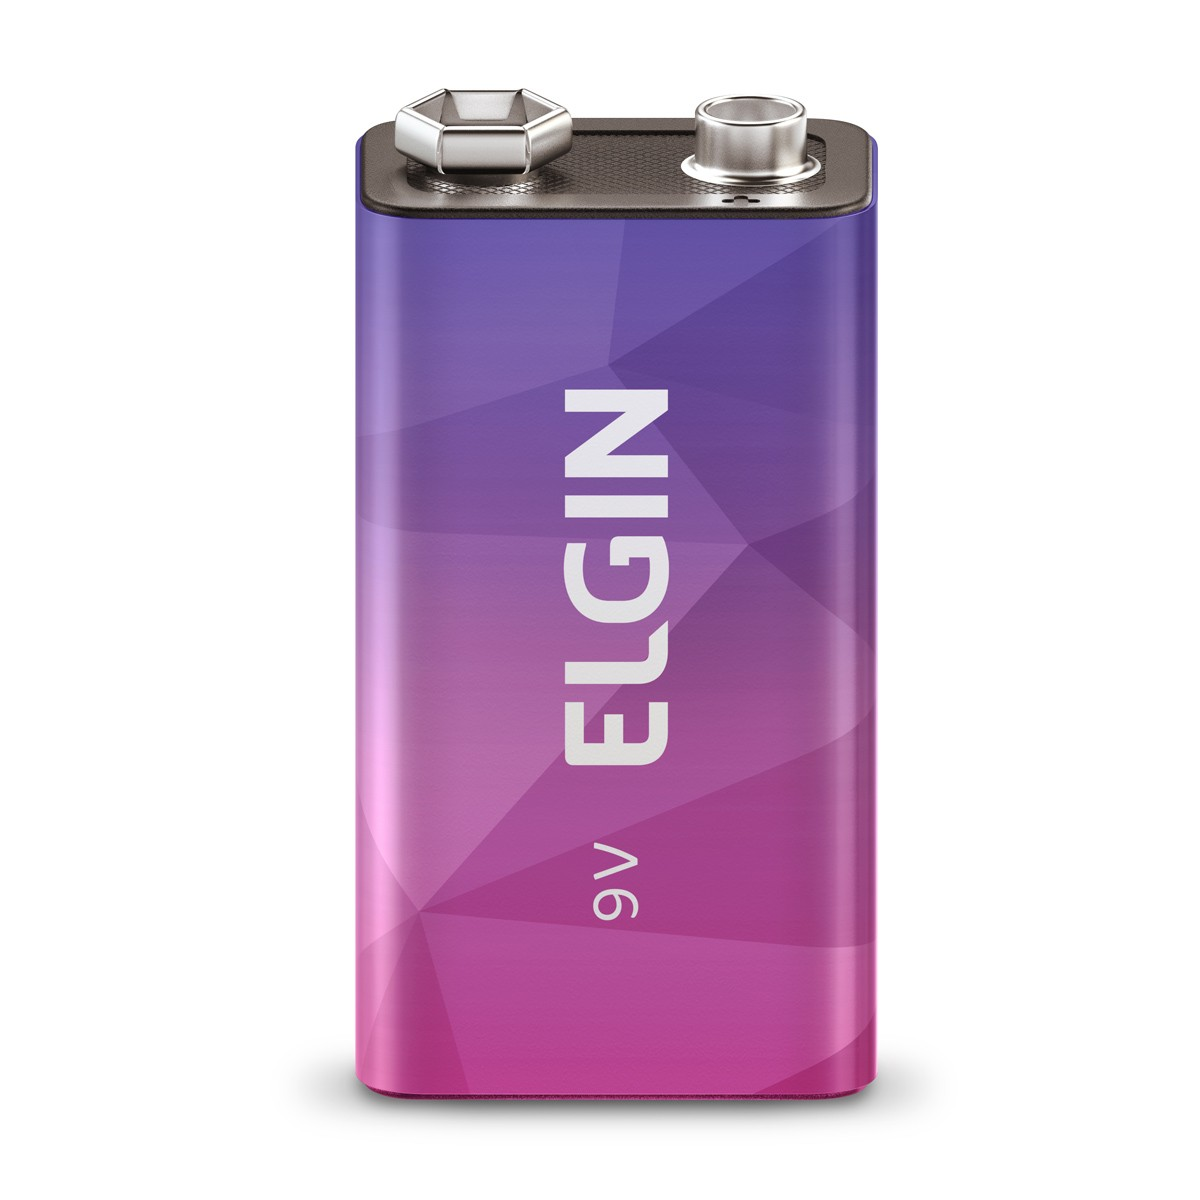 06 Baterias ELGIN 9V 250mAh Recarregável Alcalina 6 cartelas